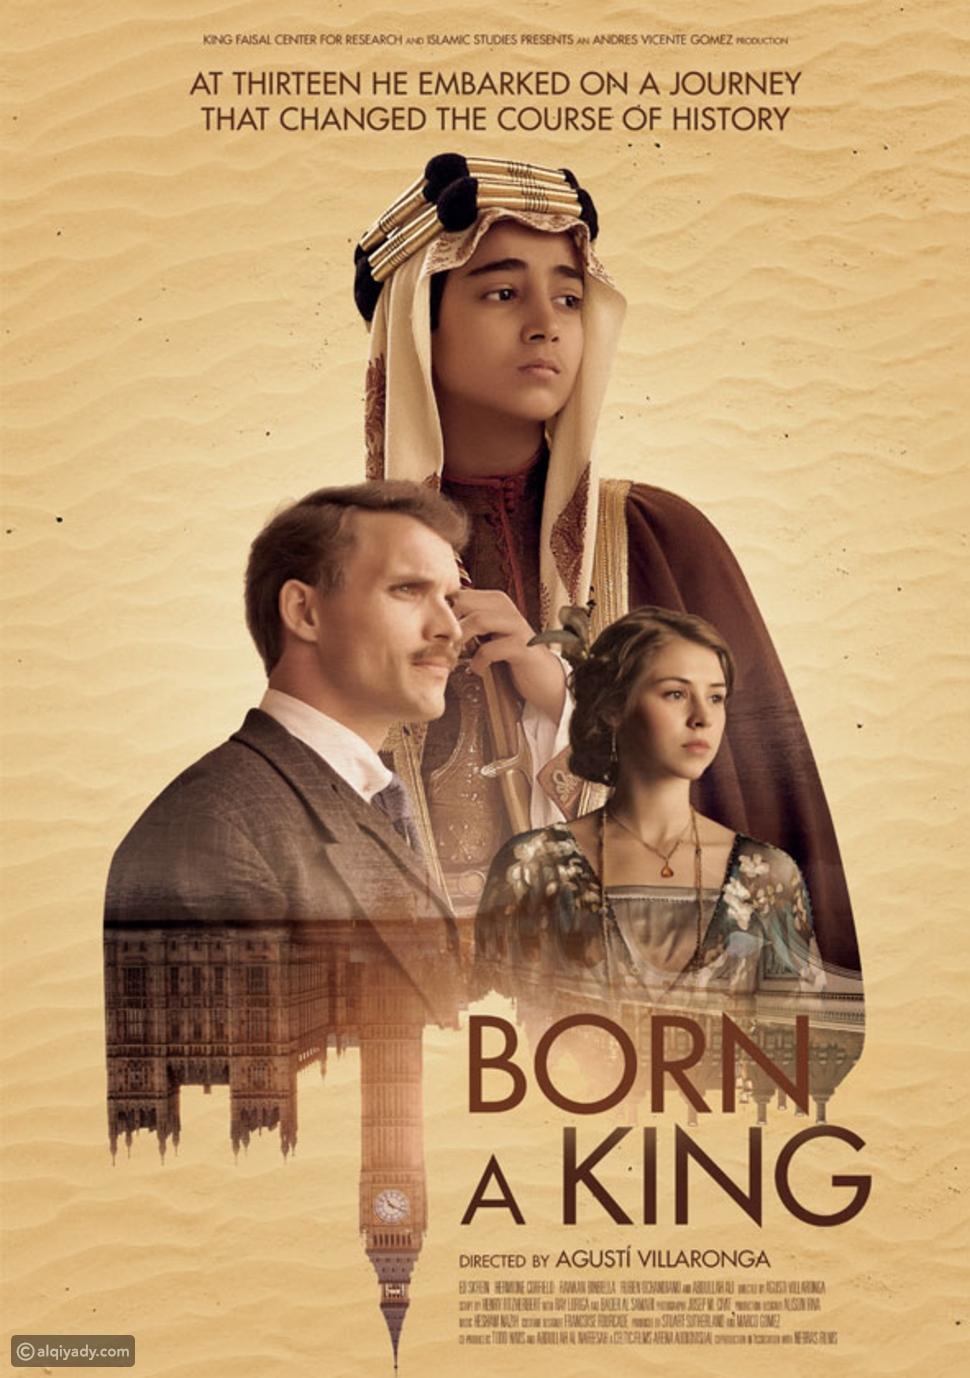 شروط وضعها الملك سلمان لإنتاج فيلم وُلد ملكًا